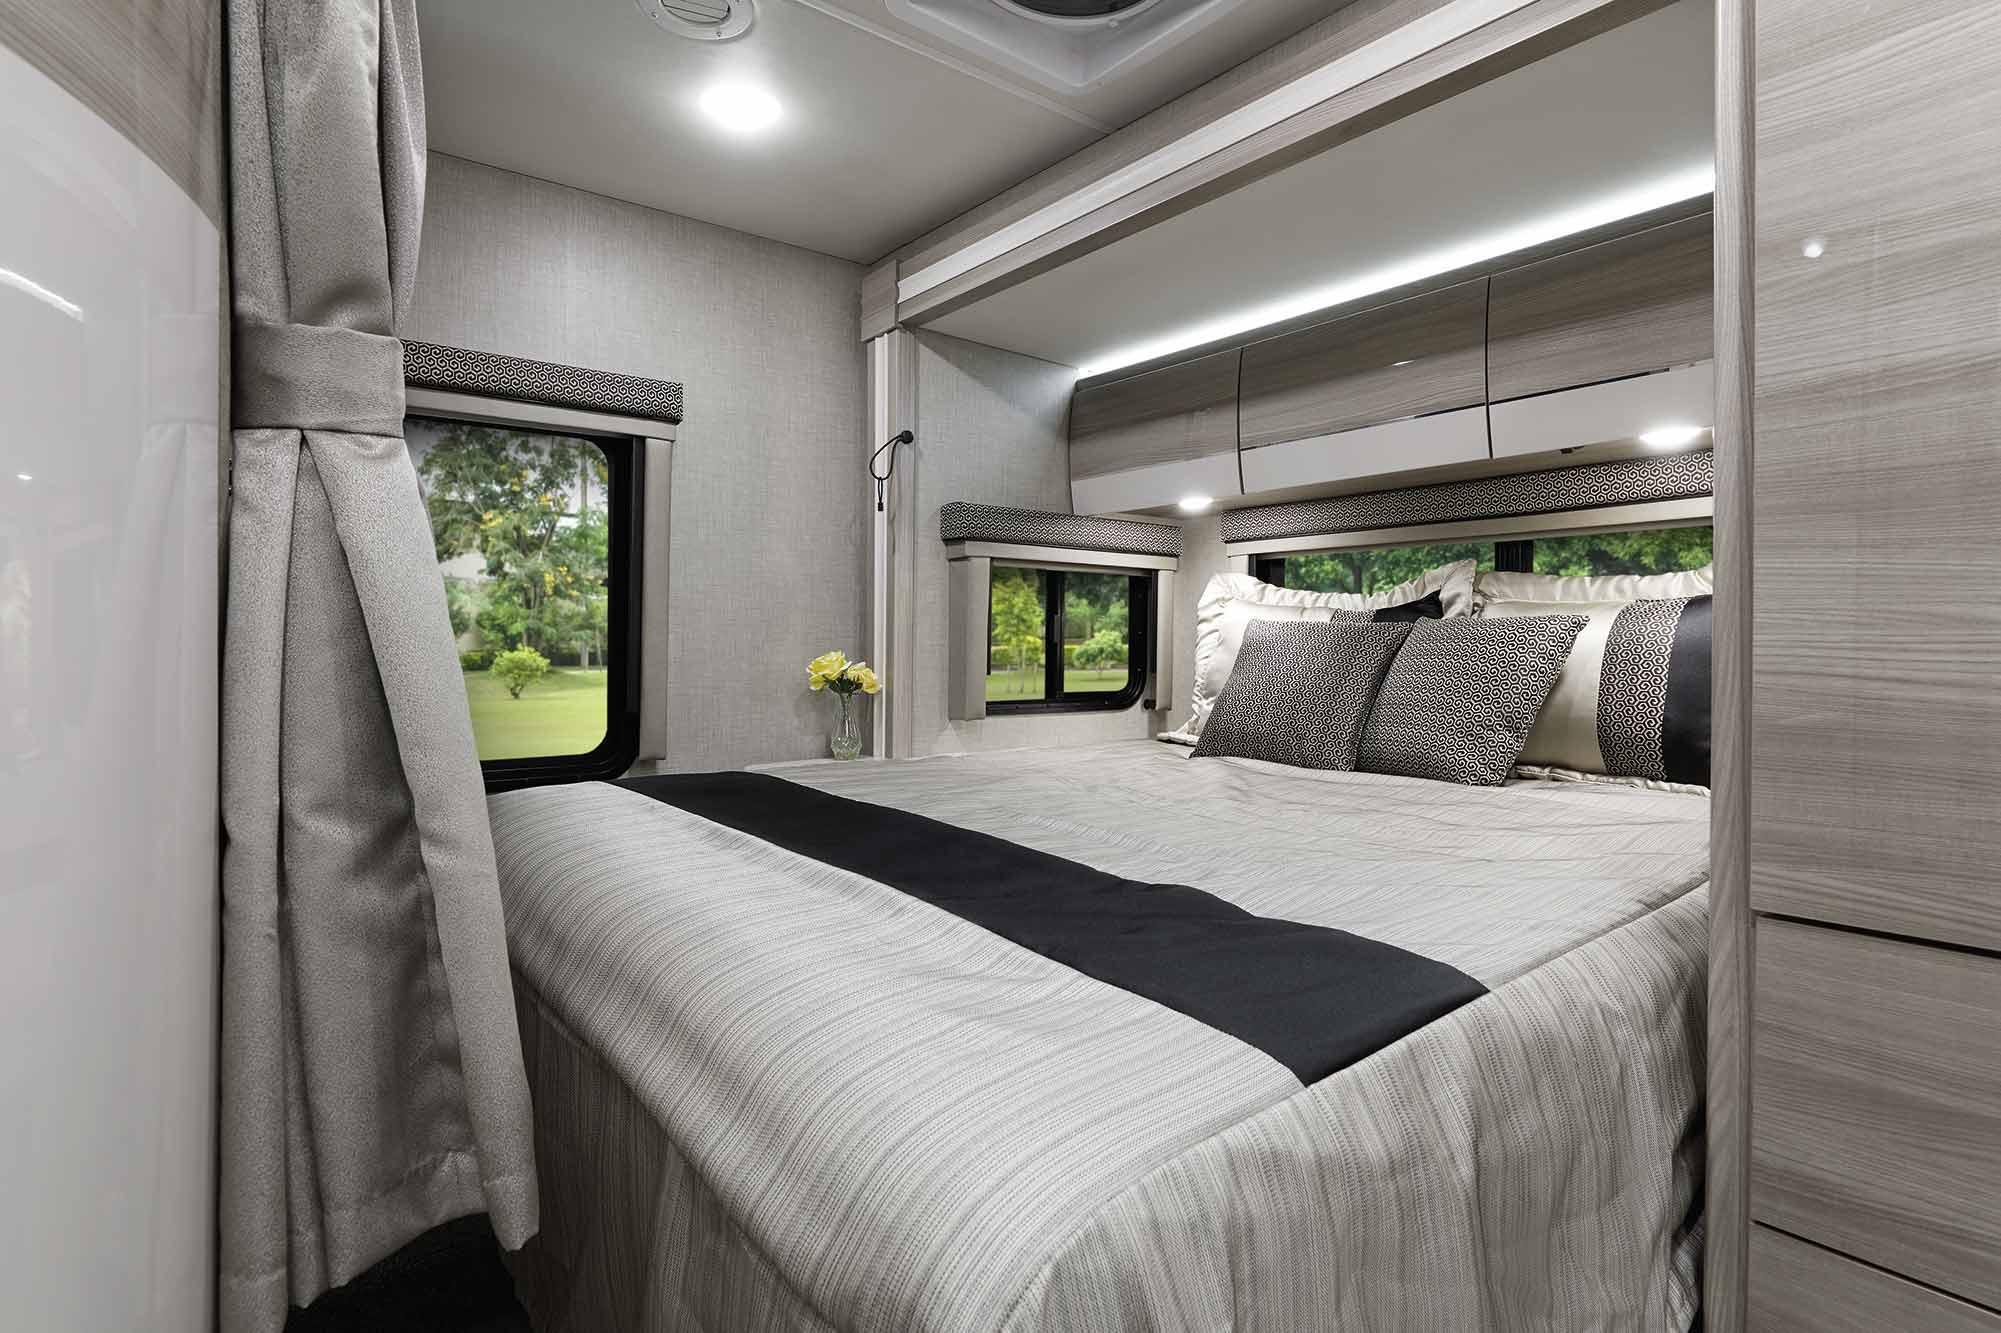 Delano Sprinter Bed